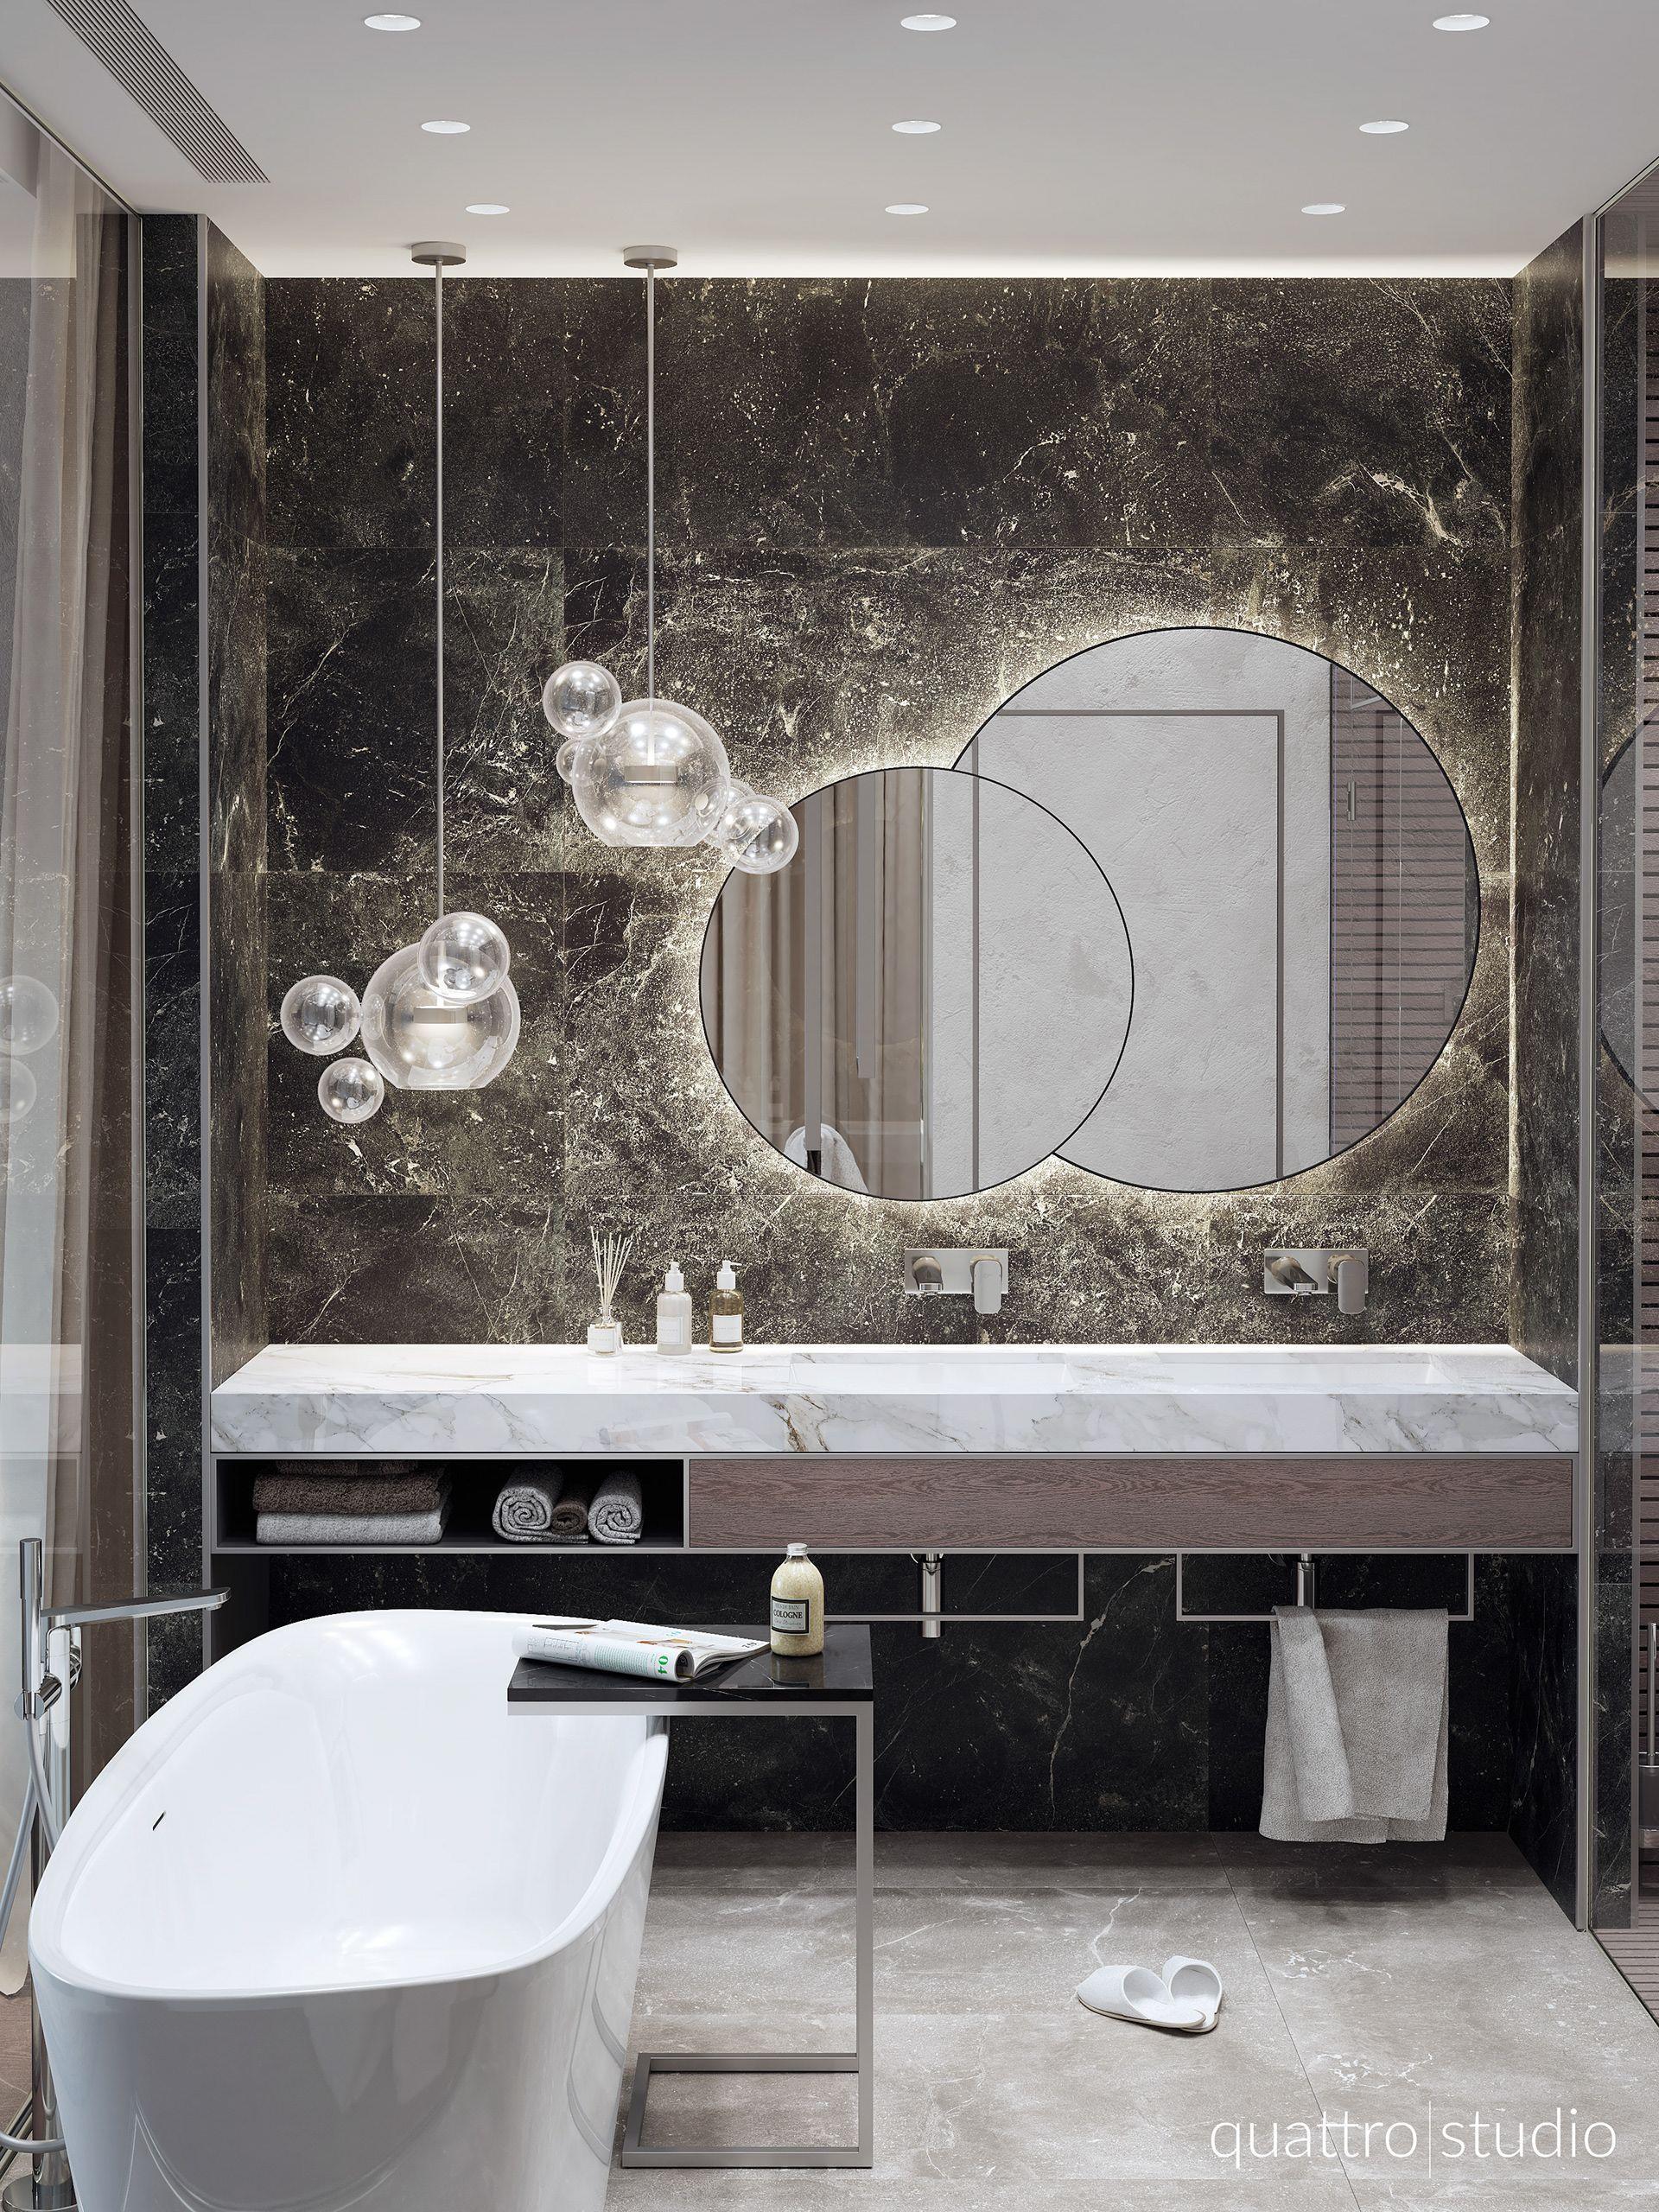 El Interiorismo De Un Bano Puede Hacerse Con El Mismo Estilo Que El Resto De Las Instalaciones Modern Bathroom Mirrors Elegant Bathroom Modern Bathroom Design